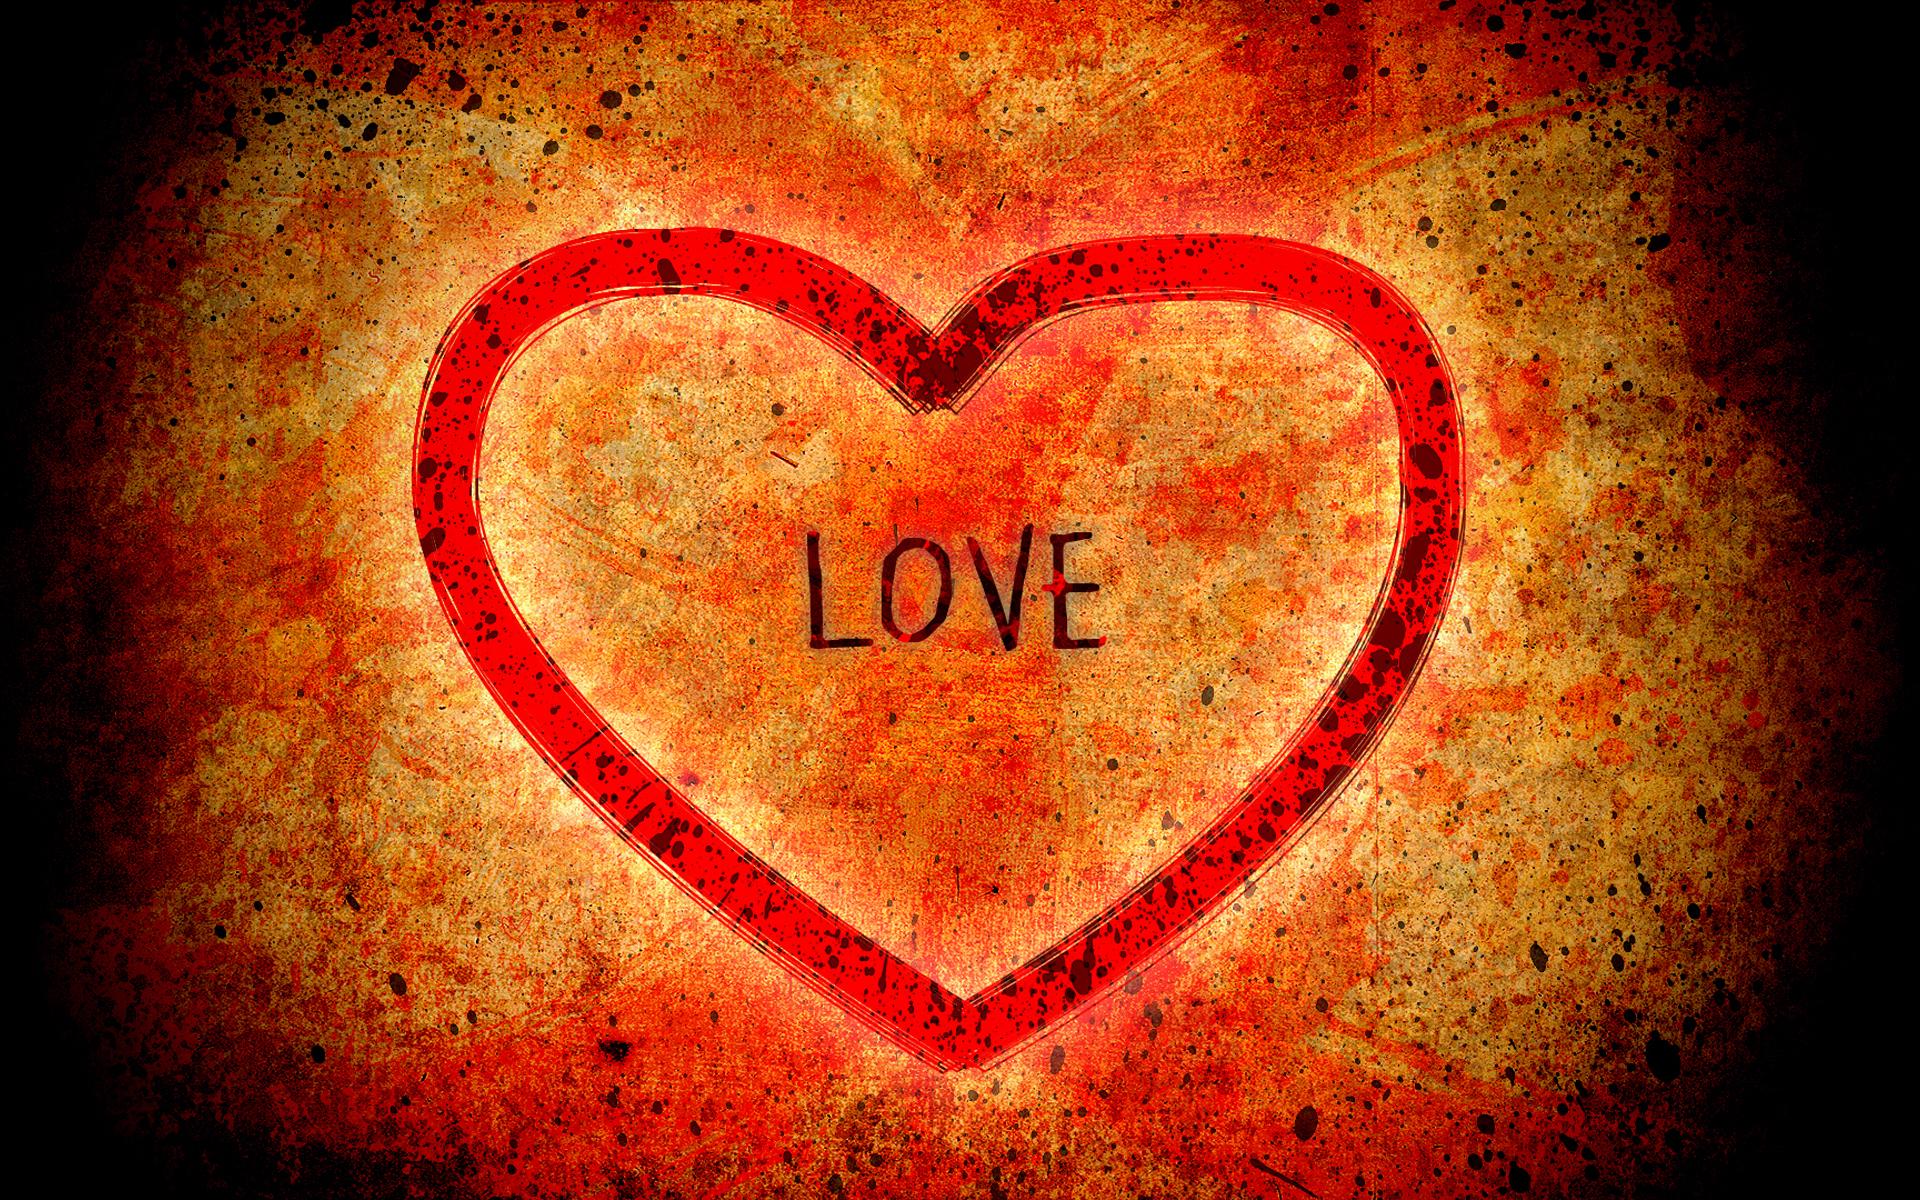 сердце фон бесплатно